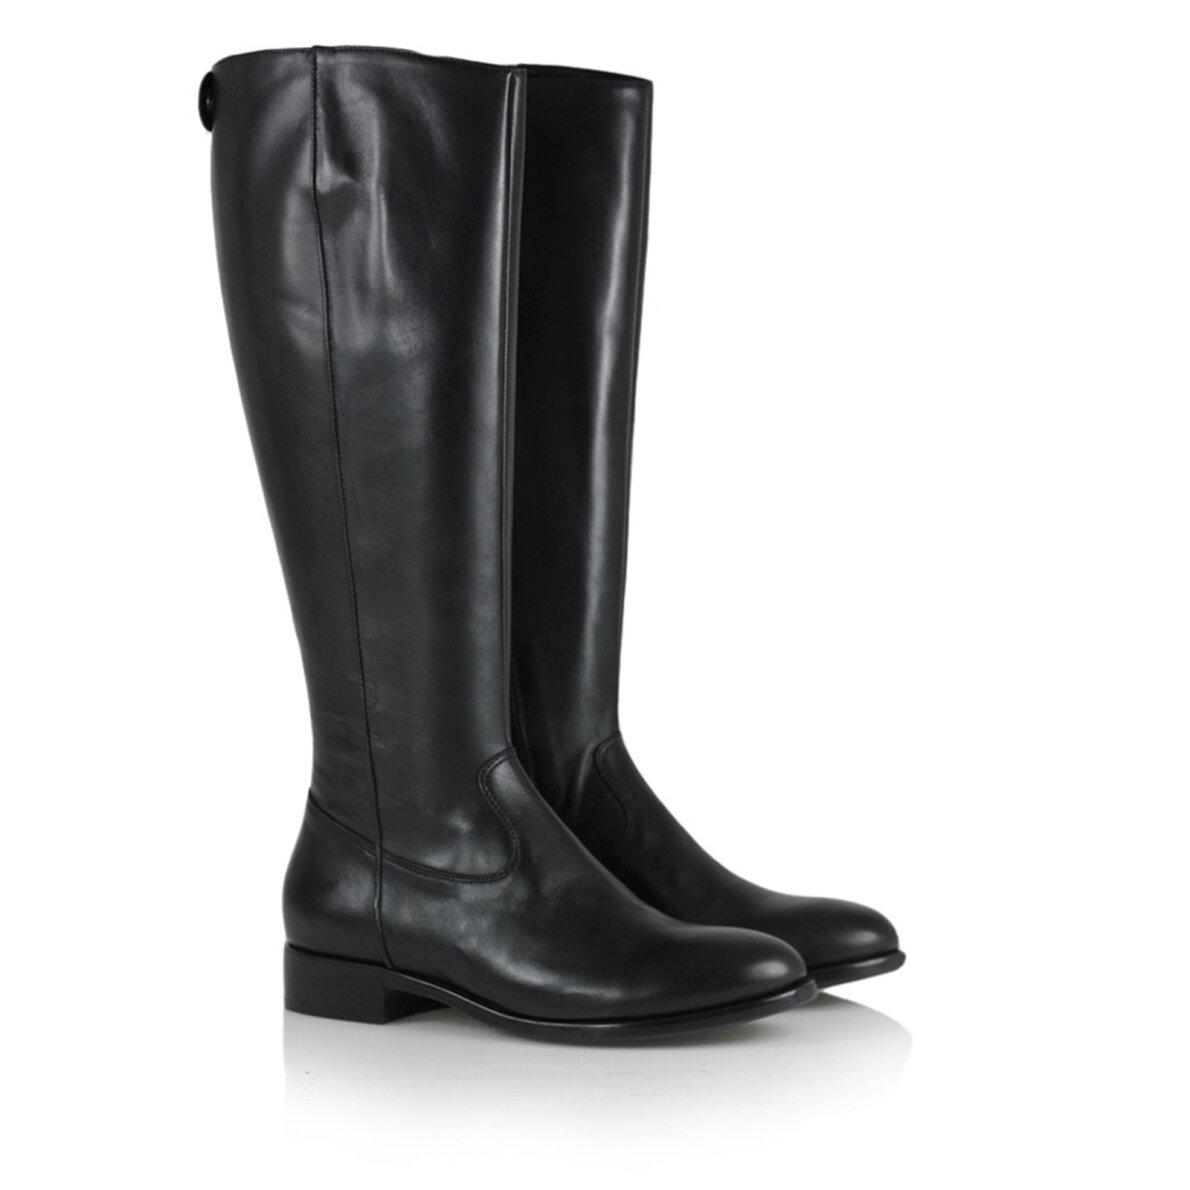 2f544f8b690e ... Billi Bi - Billi Bi 1013 sort lang damestøvle i skind ...